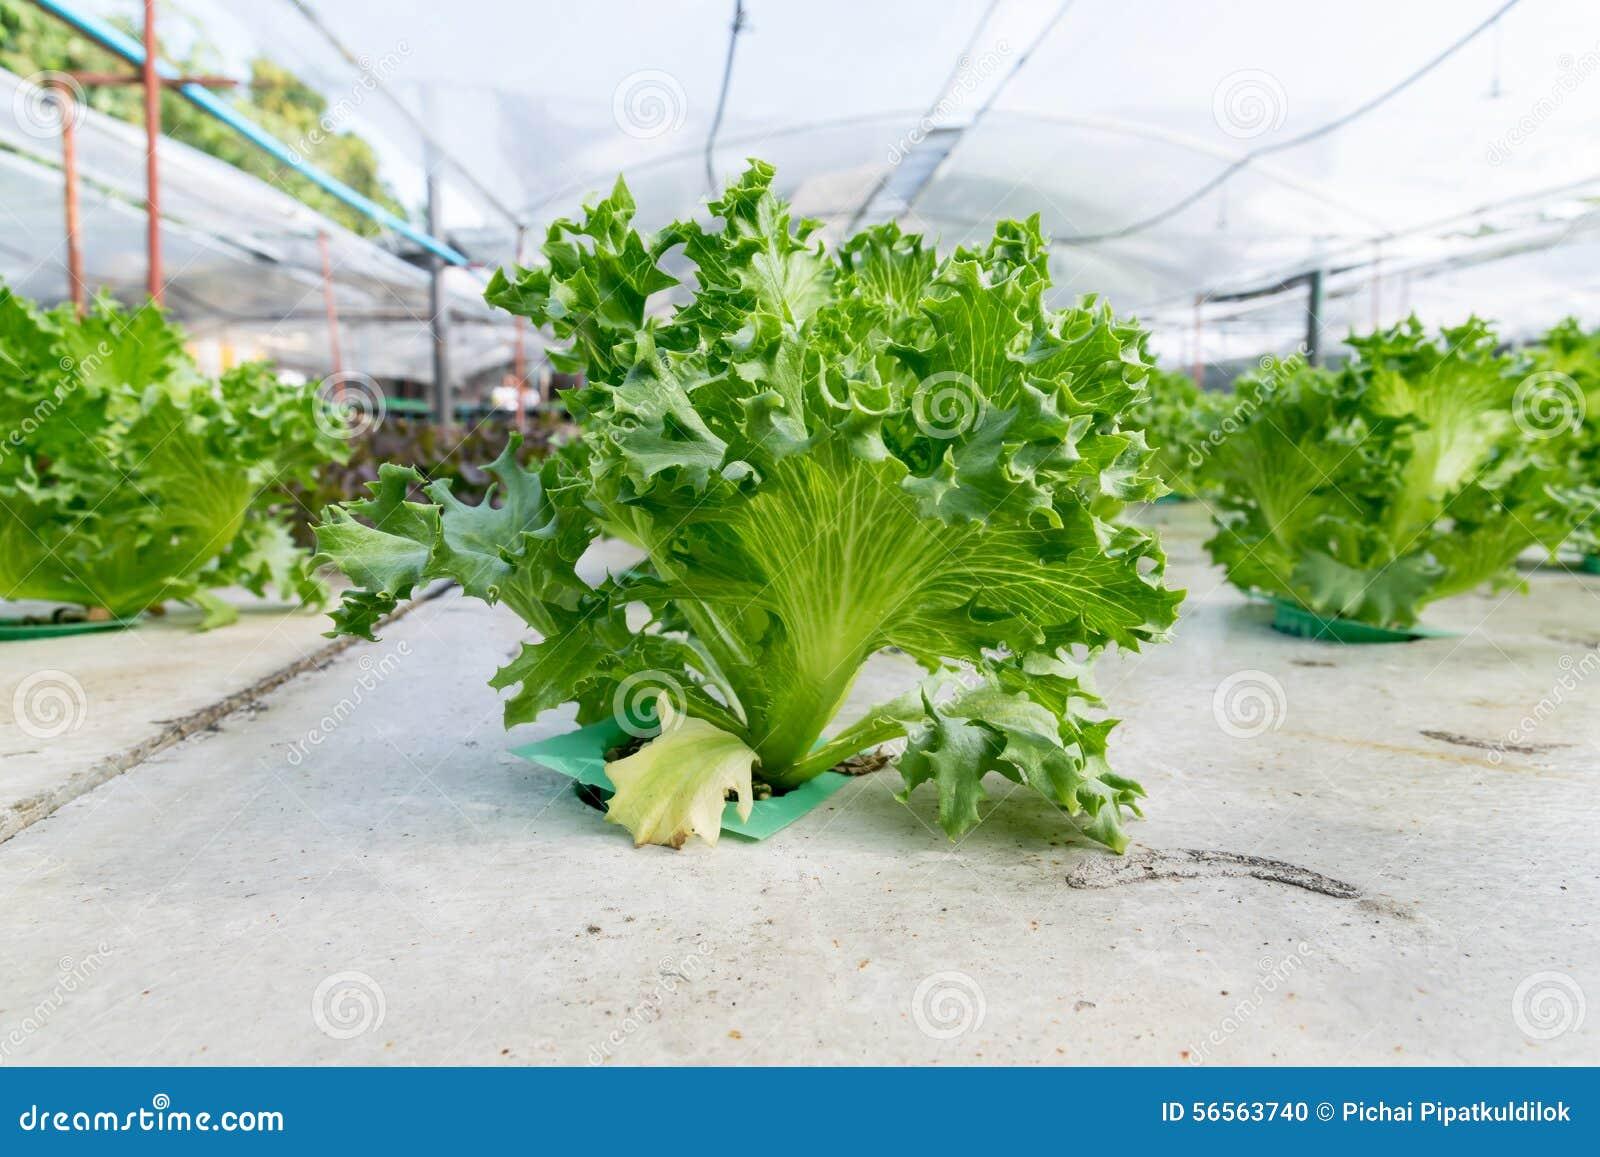 Hydroponics καλλιέργειας πράσινο λαχανικό στο αγρόκτημα